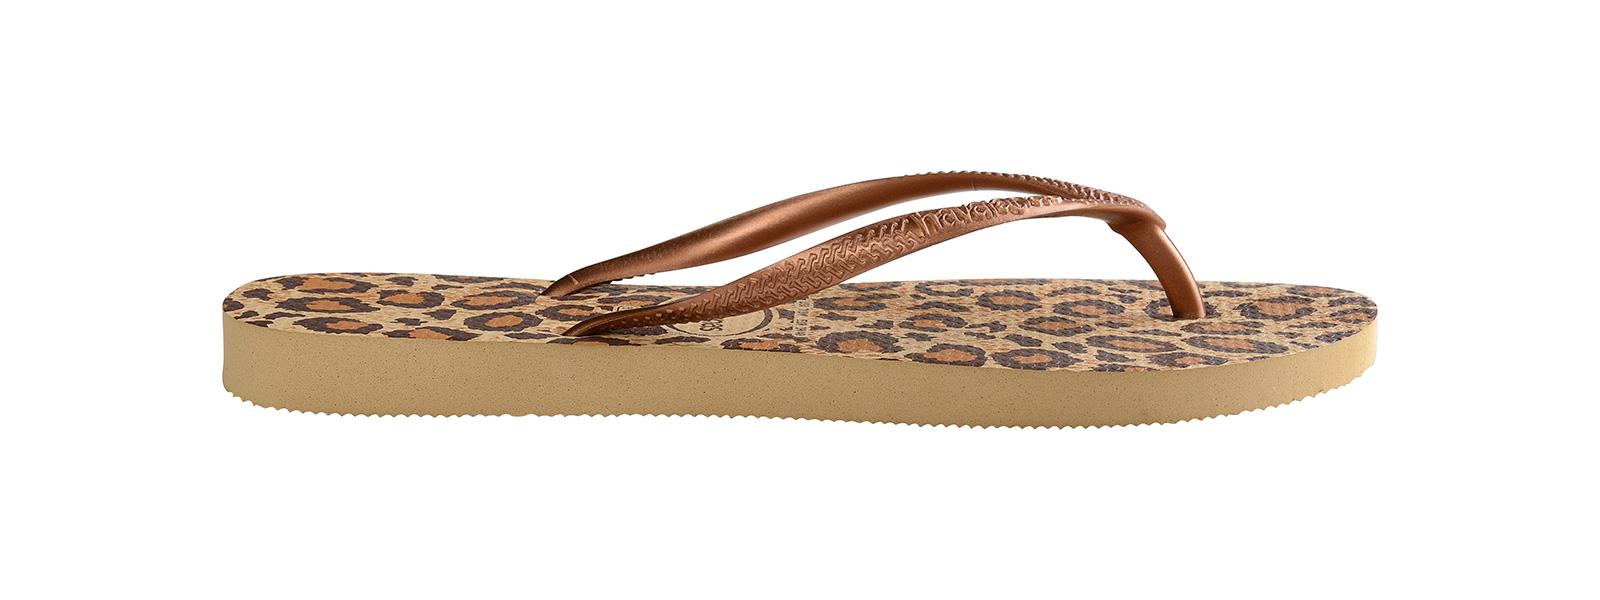 2fc4ec4e7df2 Šľapky Béžovo-hnedé šľapky S leopardím Vzorom - Slim Animals Beige